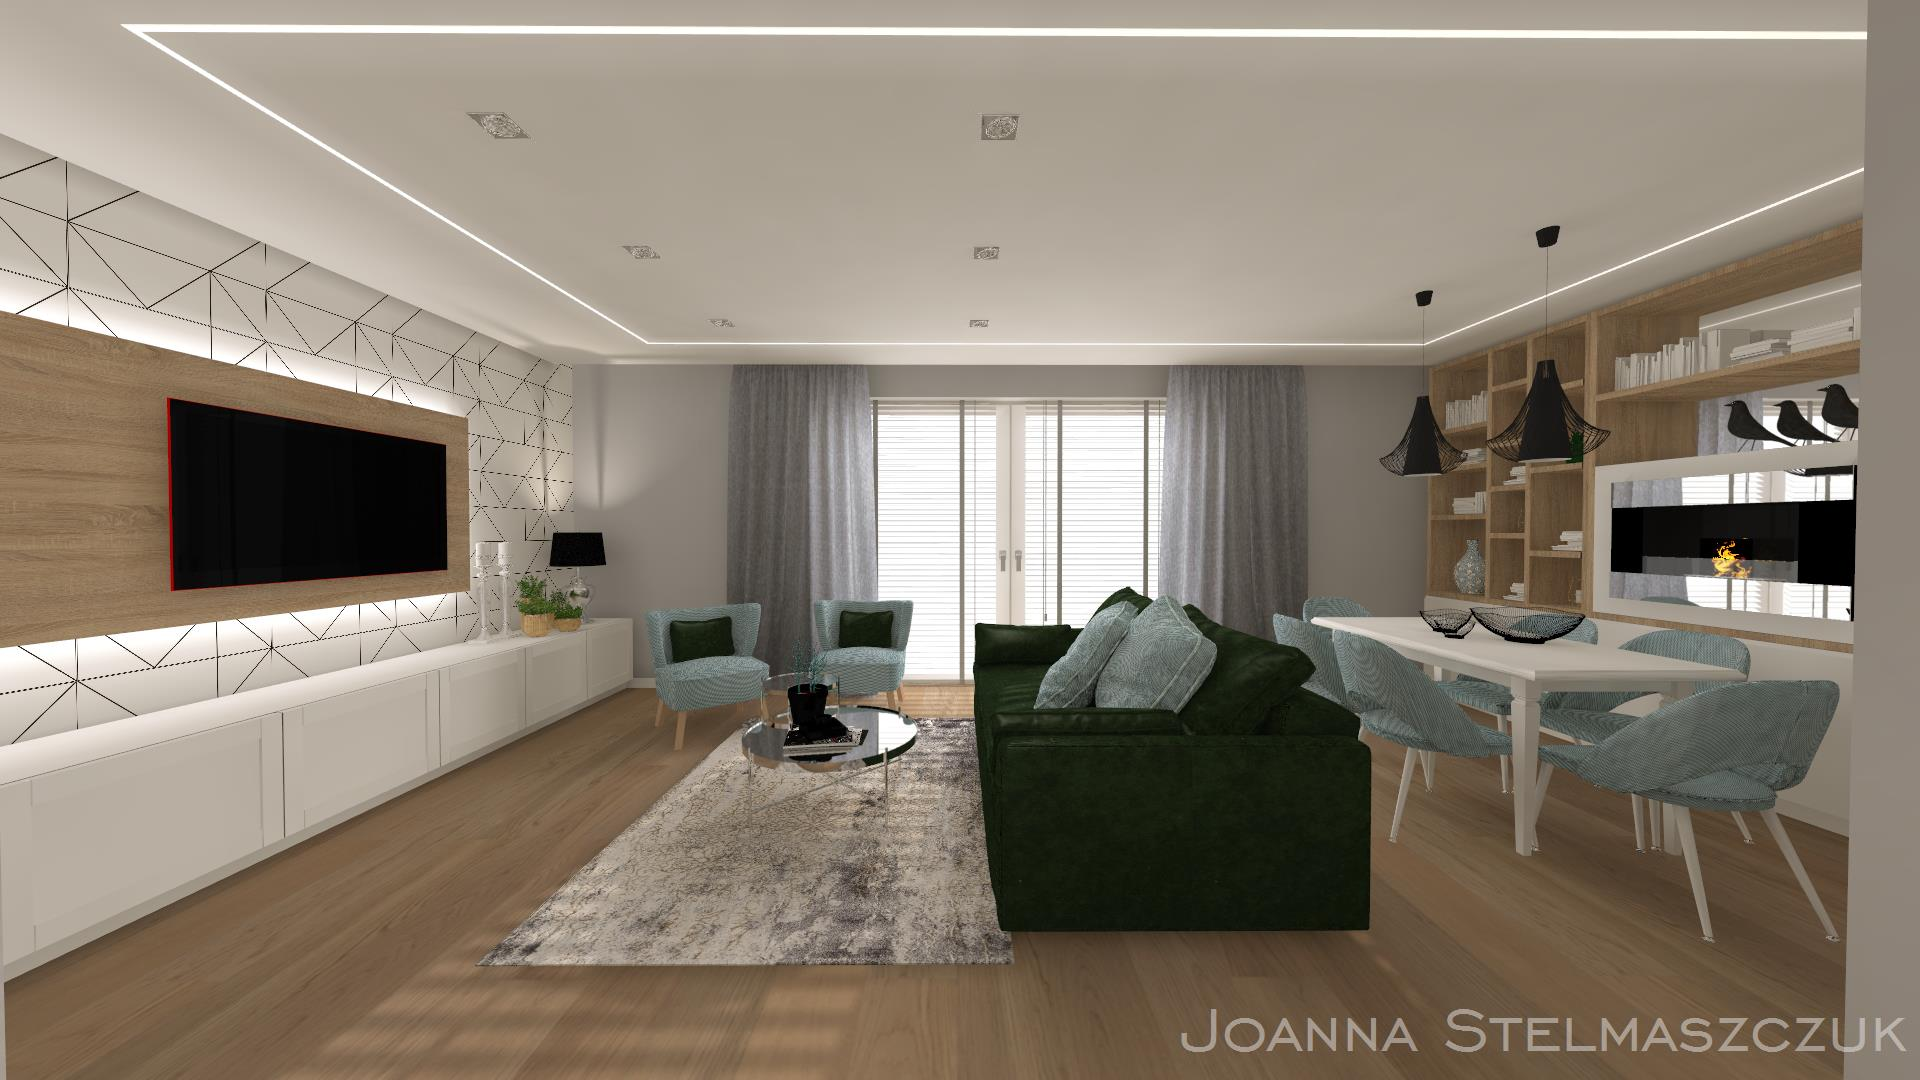 Joanna Stelmaszczuk freszdizajn-projektowanie wnętrz